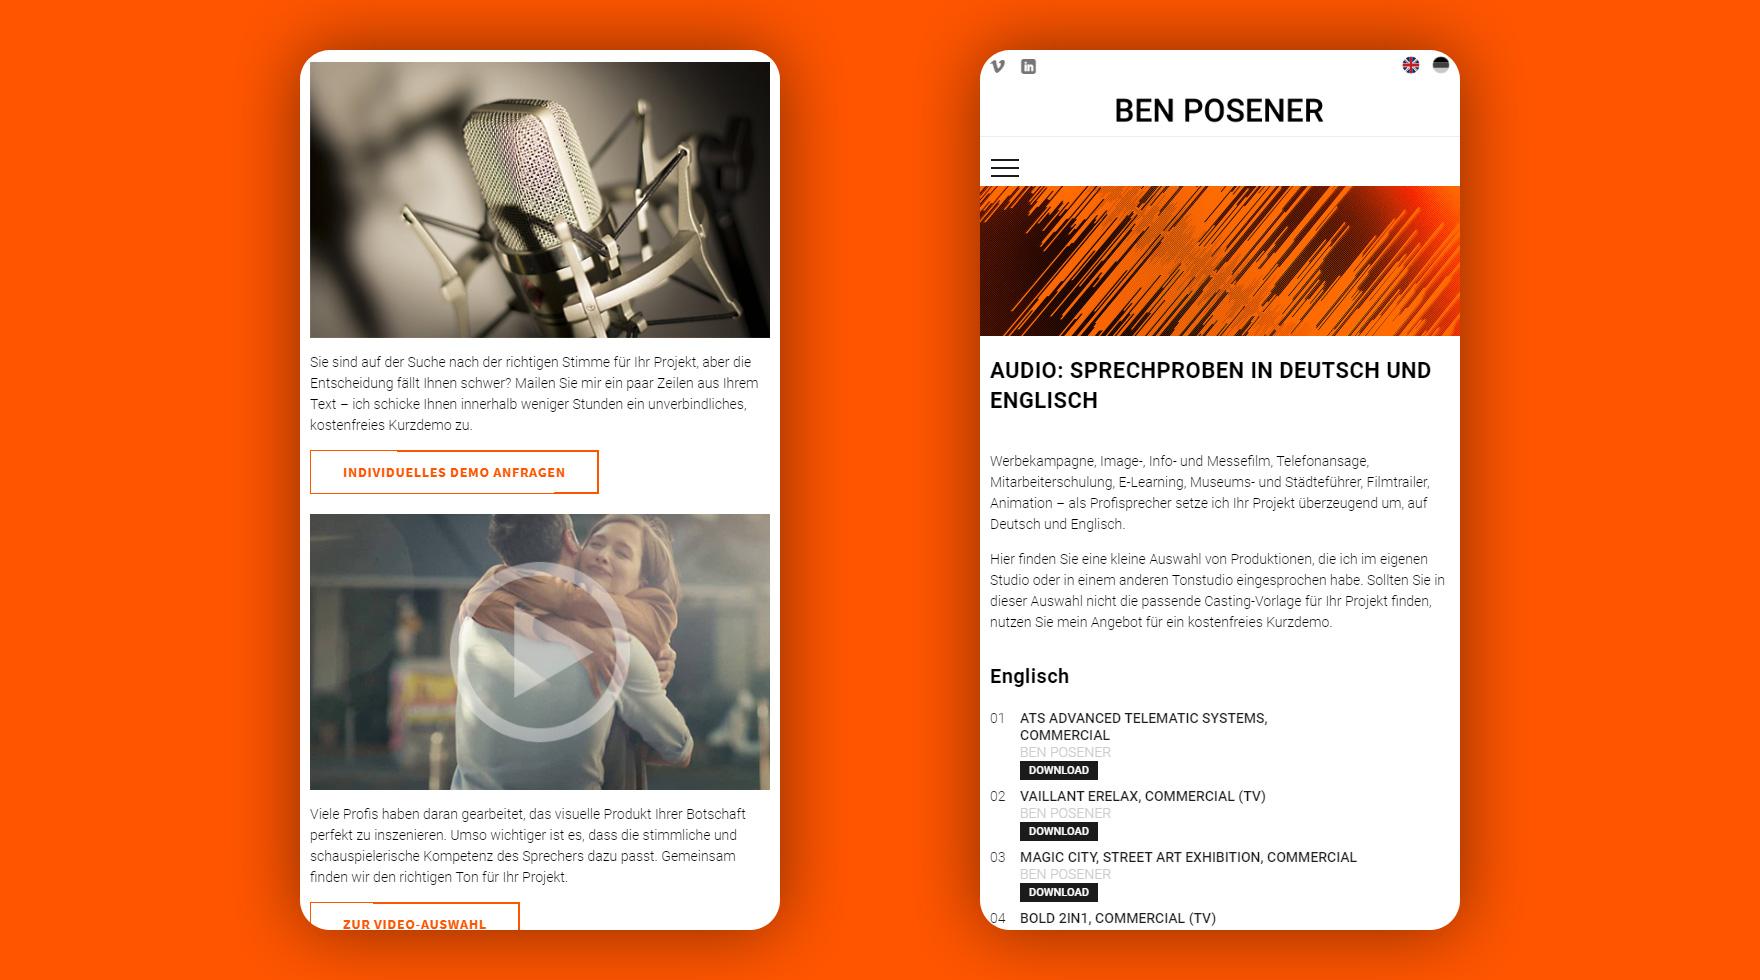 mobiles-web-design-fuer-ben-posener-berlin